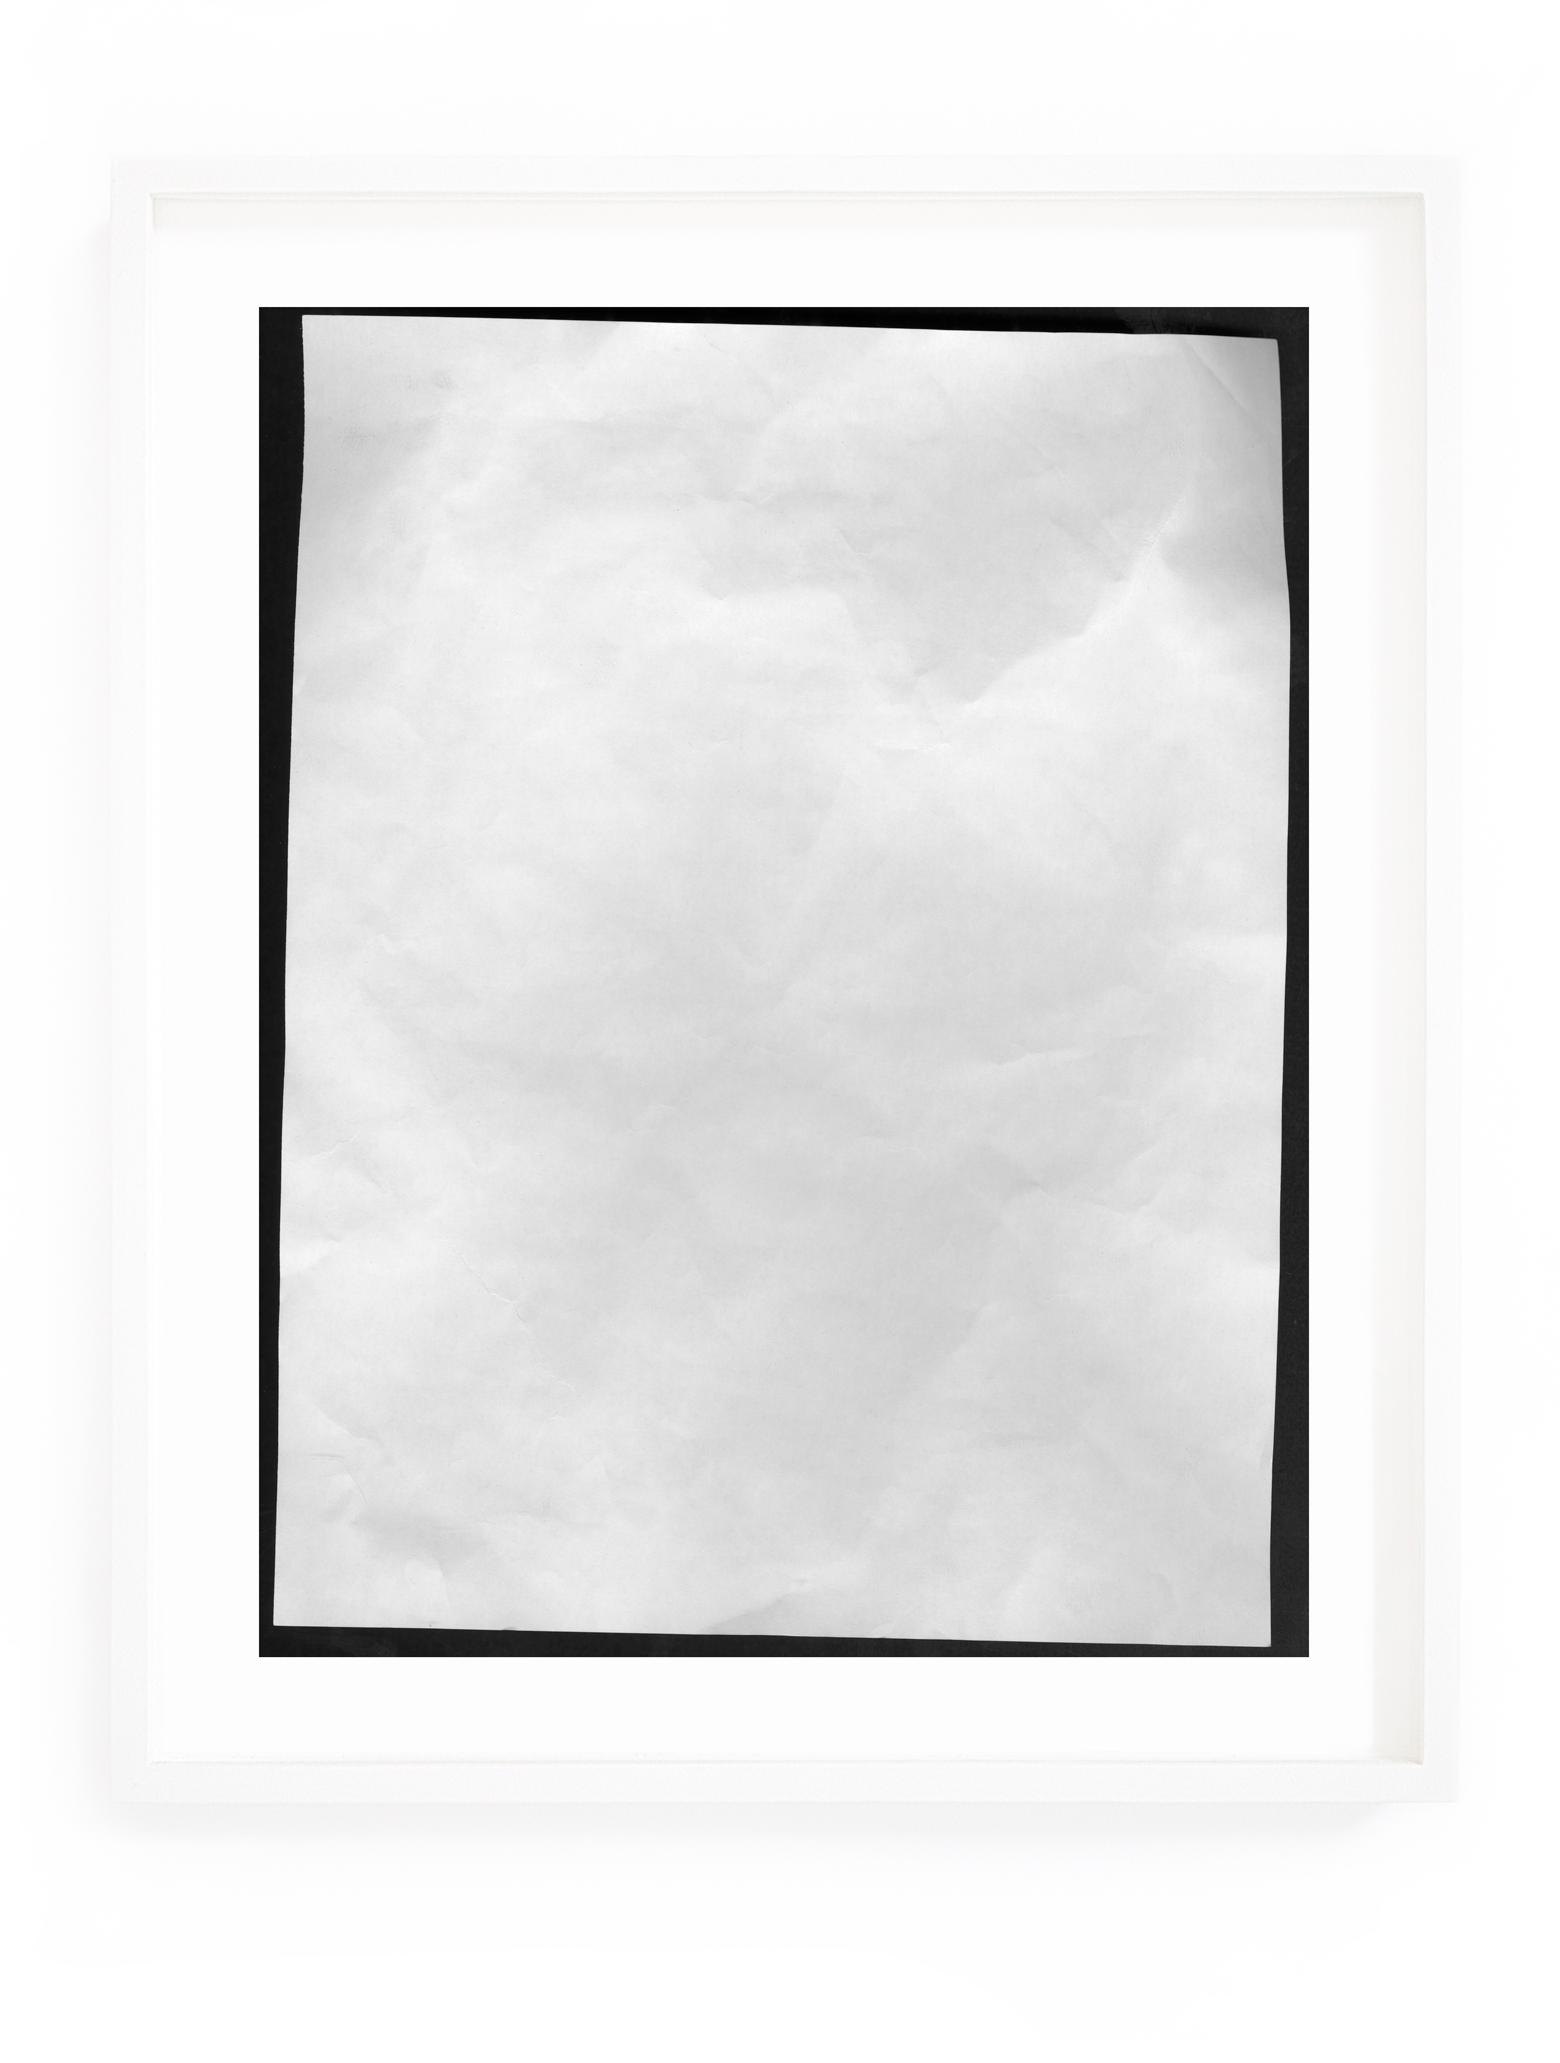 20v2_17x13x300_framed.jpg